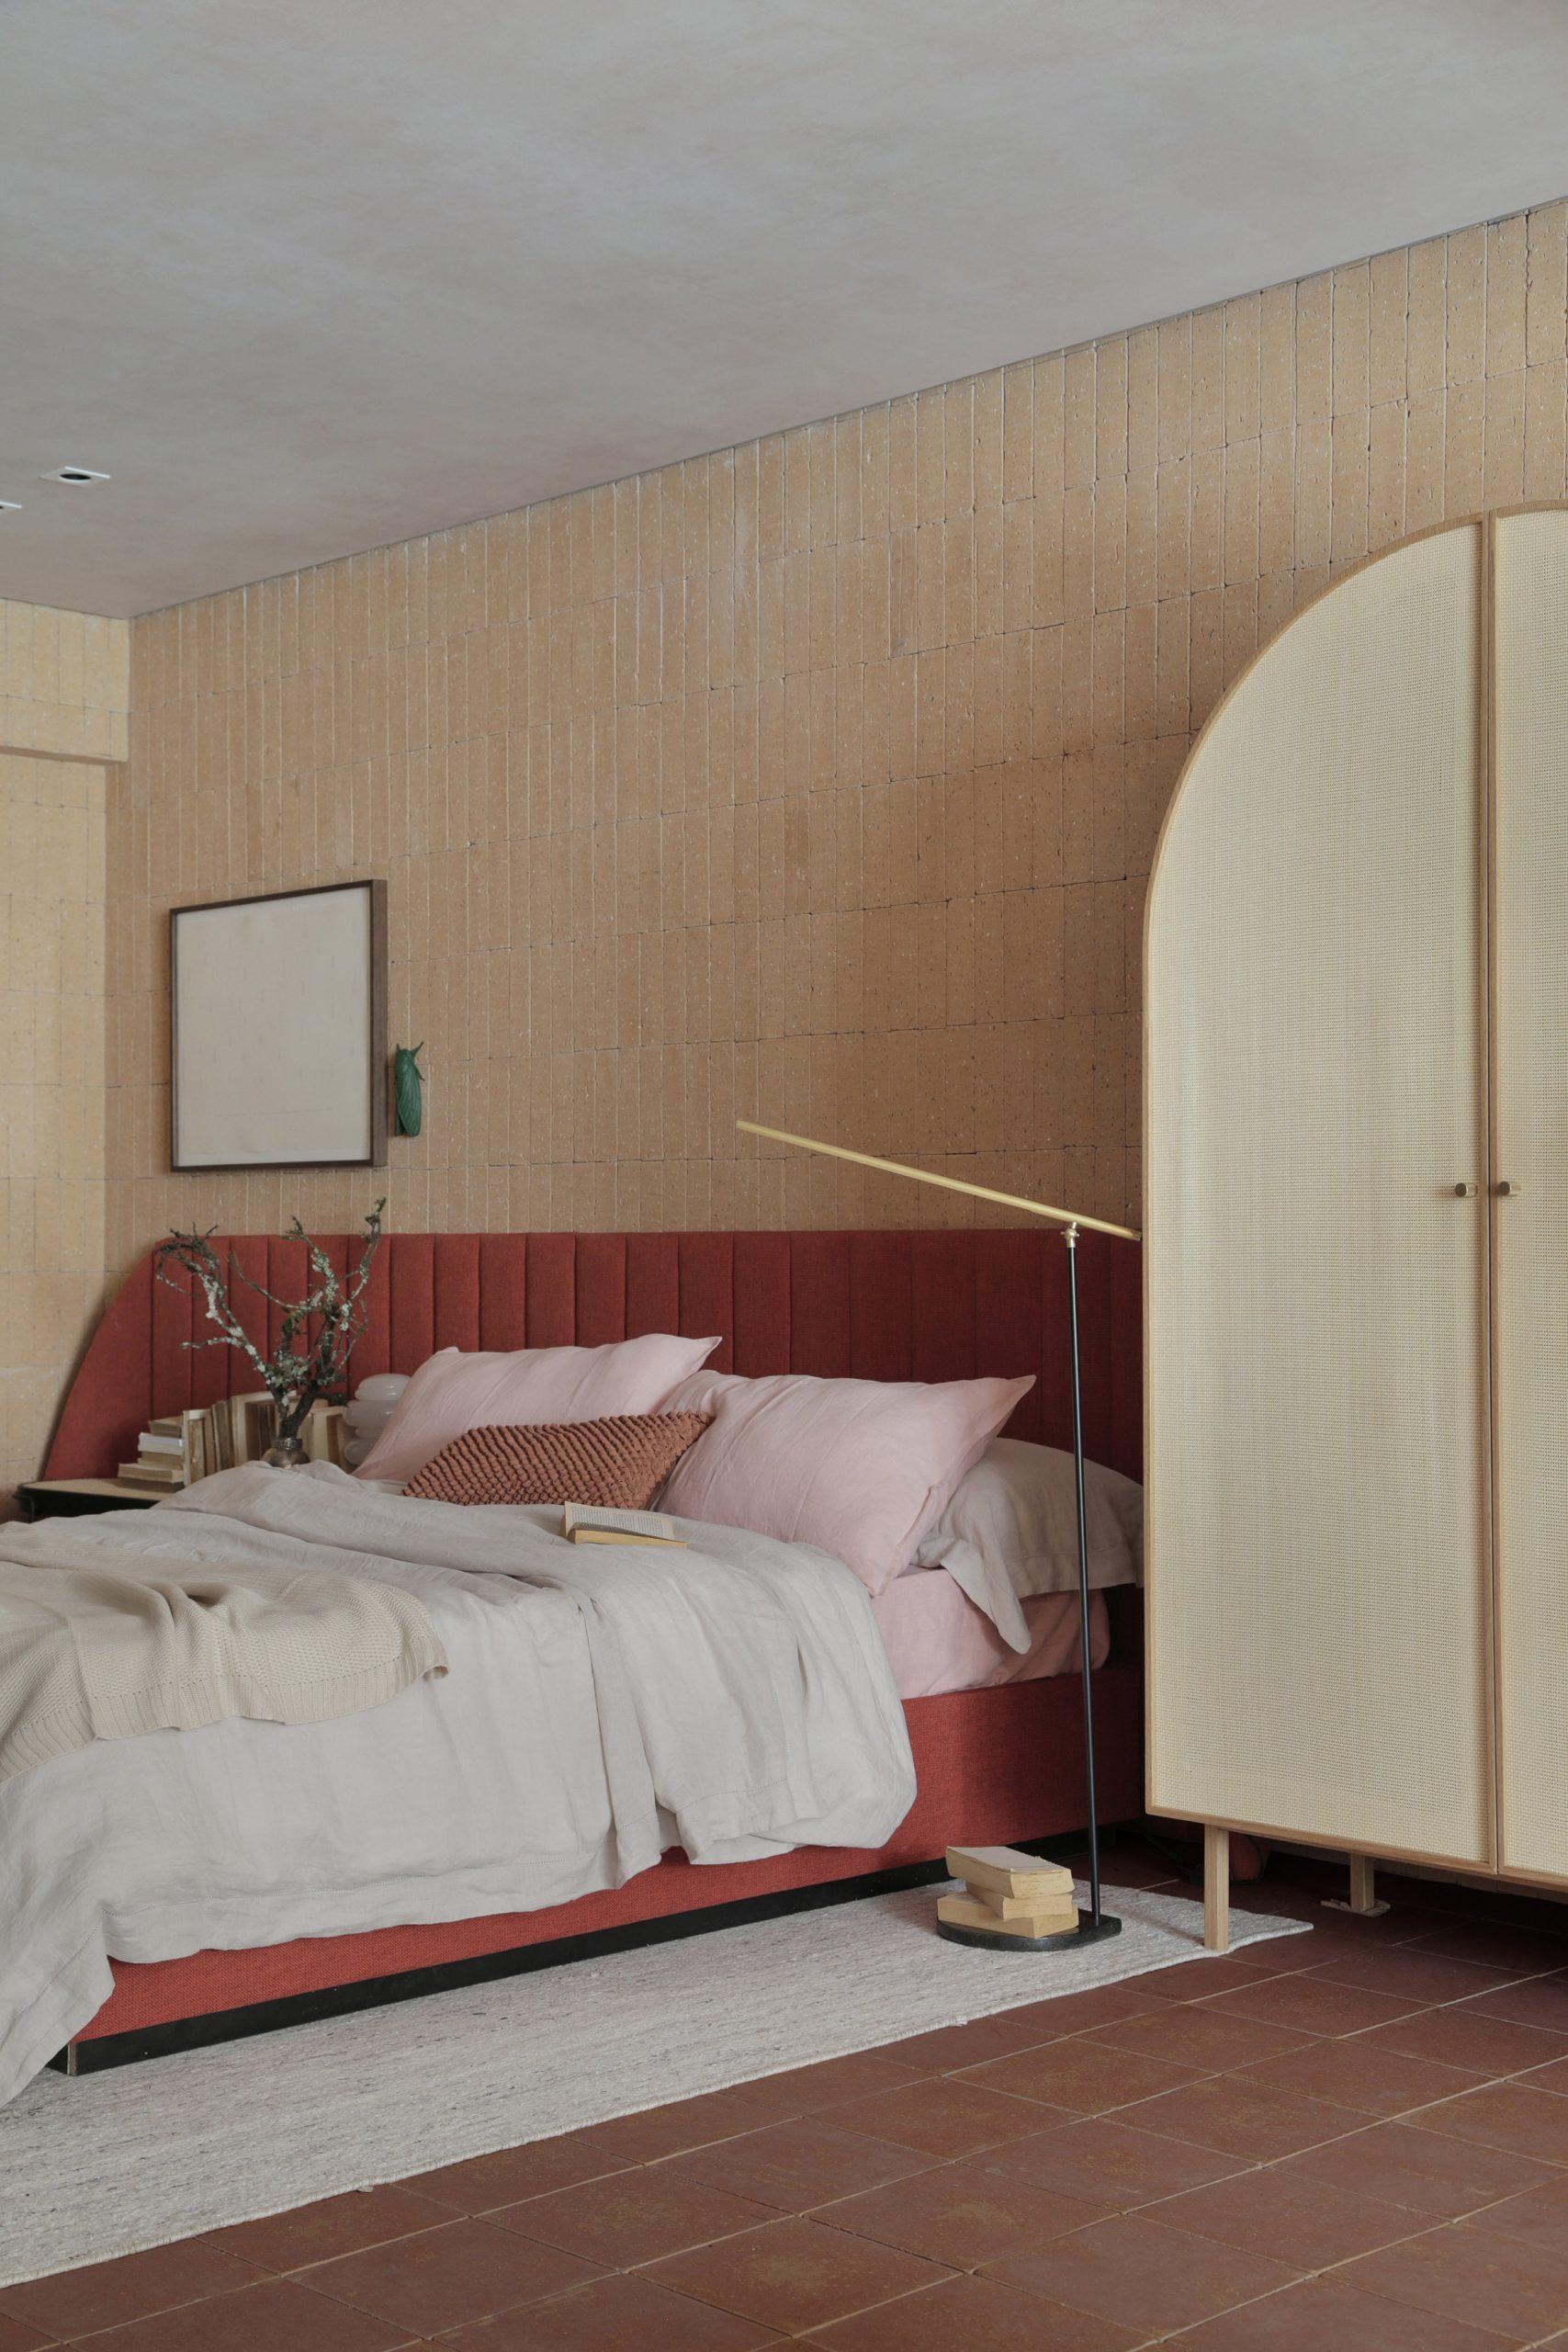 Thiết kế nội thất căn hộ 56m2 2 phòng ngủ 11